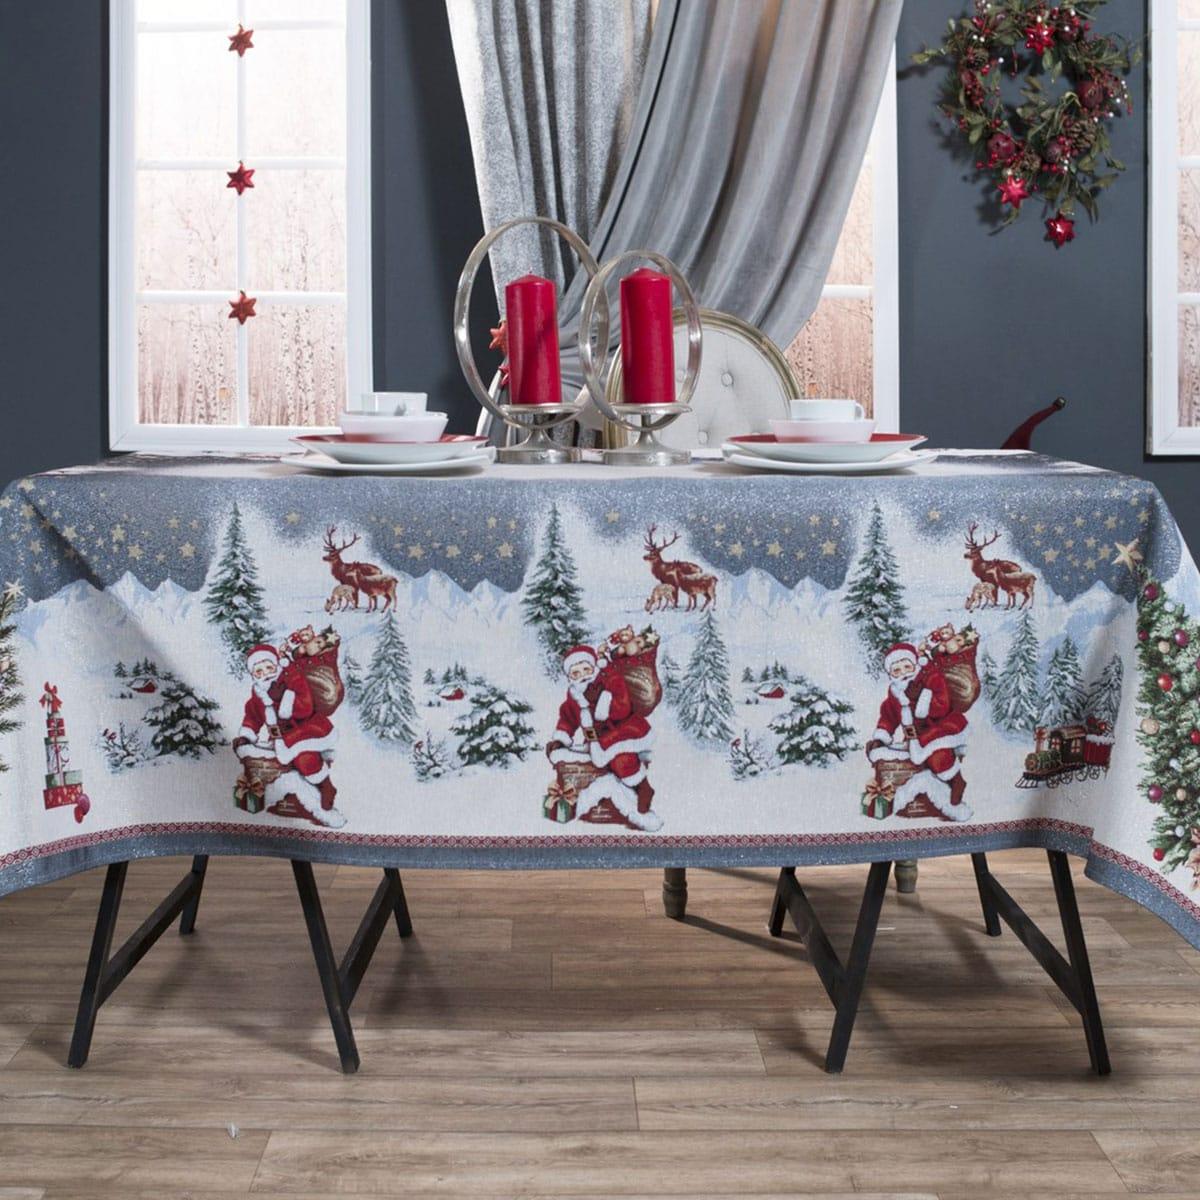 Τραπεζομάντηλο Χριστουγεννιάτικο Laponia Multi Teoran 150X200 140x220cm